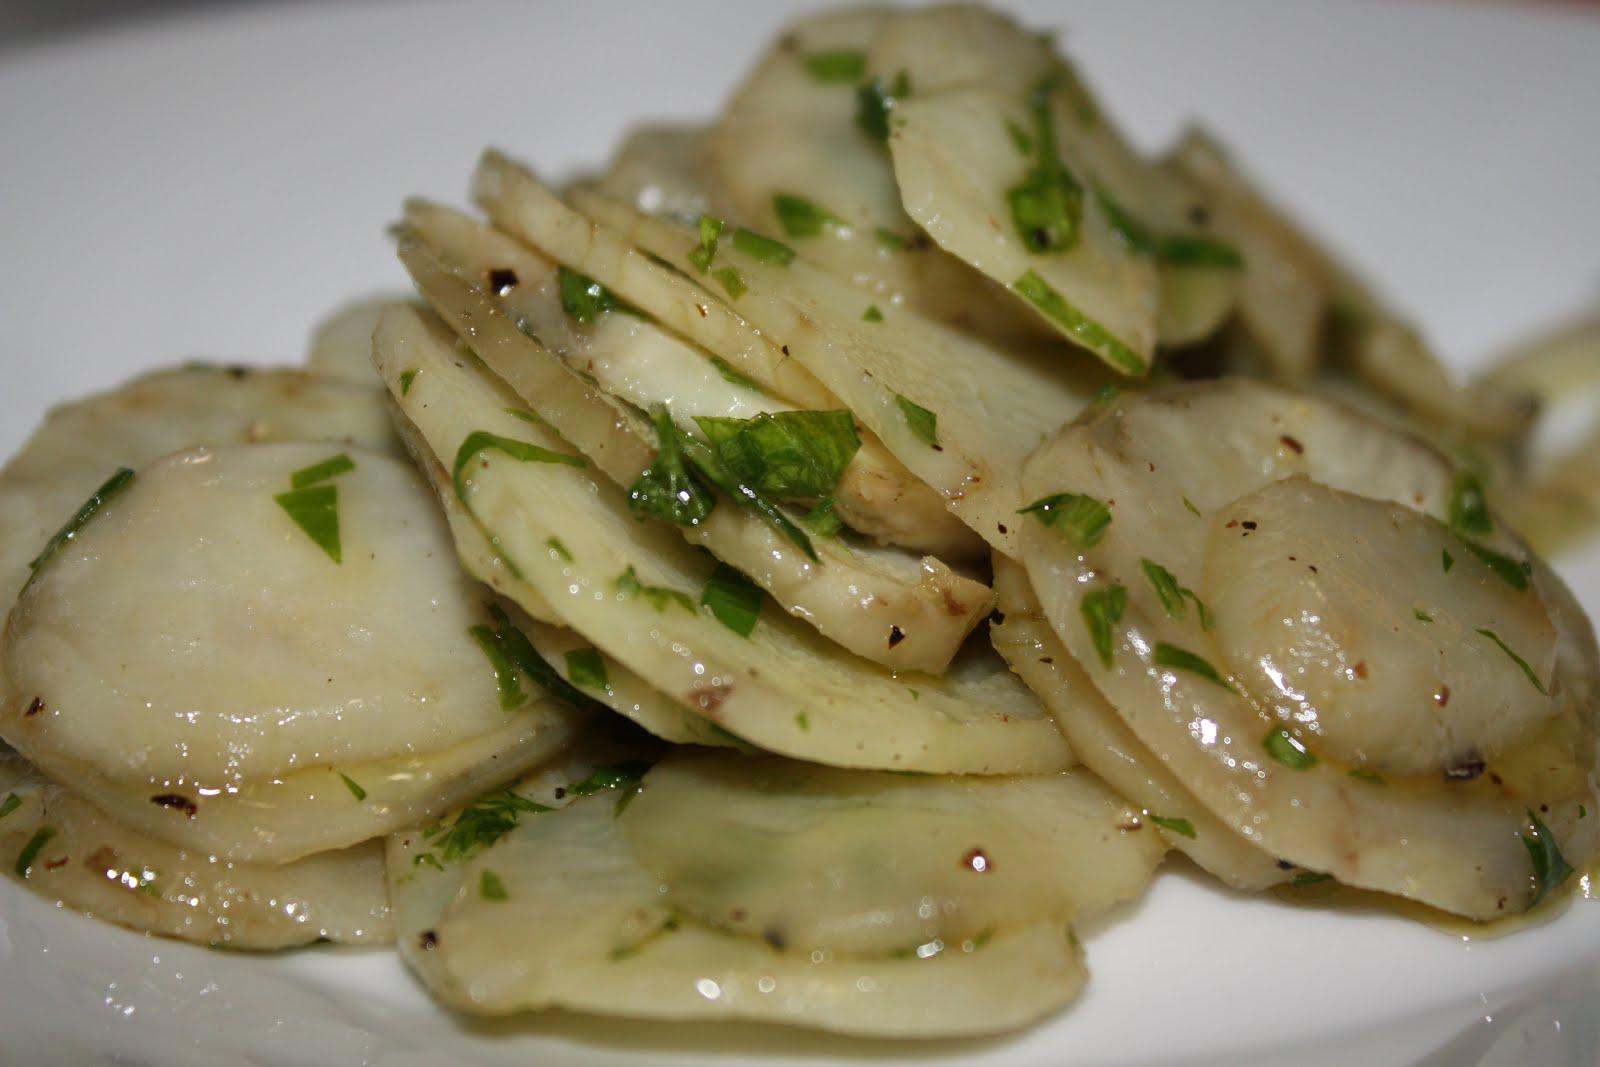 Topinambur in cucina 10 ricette fantastiche silvio cicchi for In cucina ricette